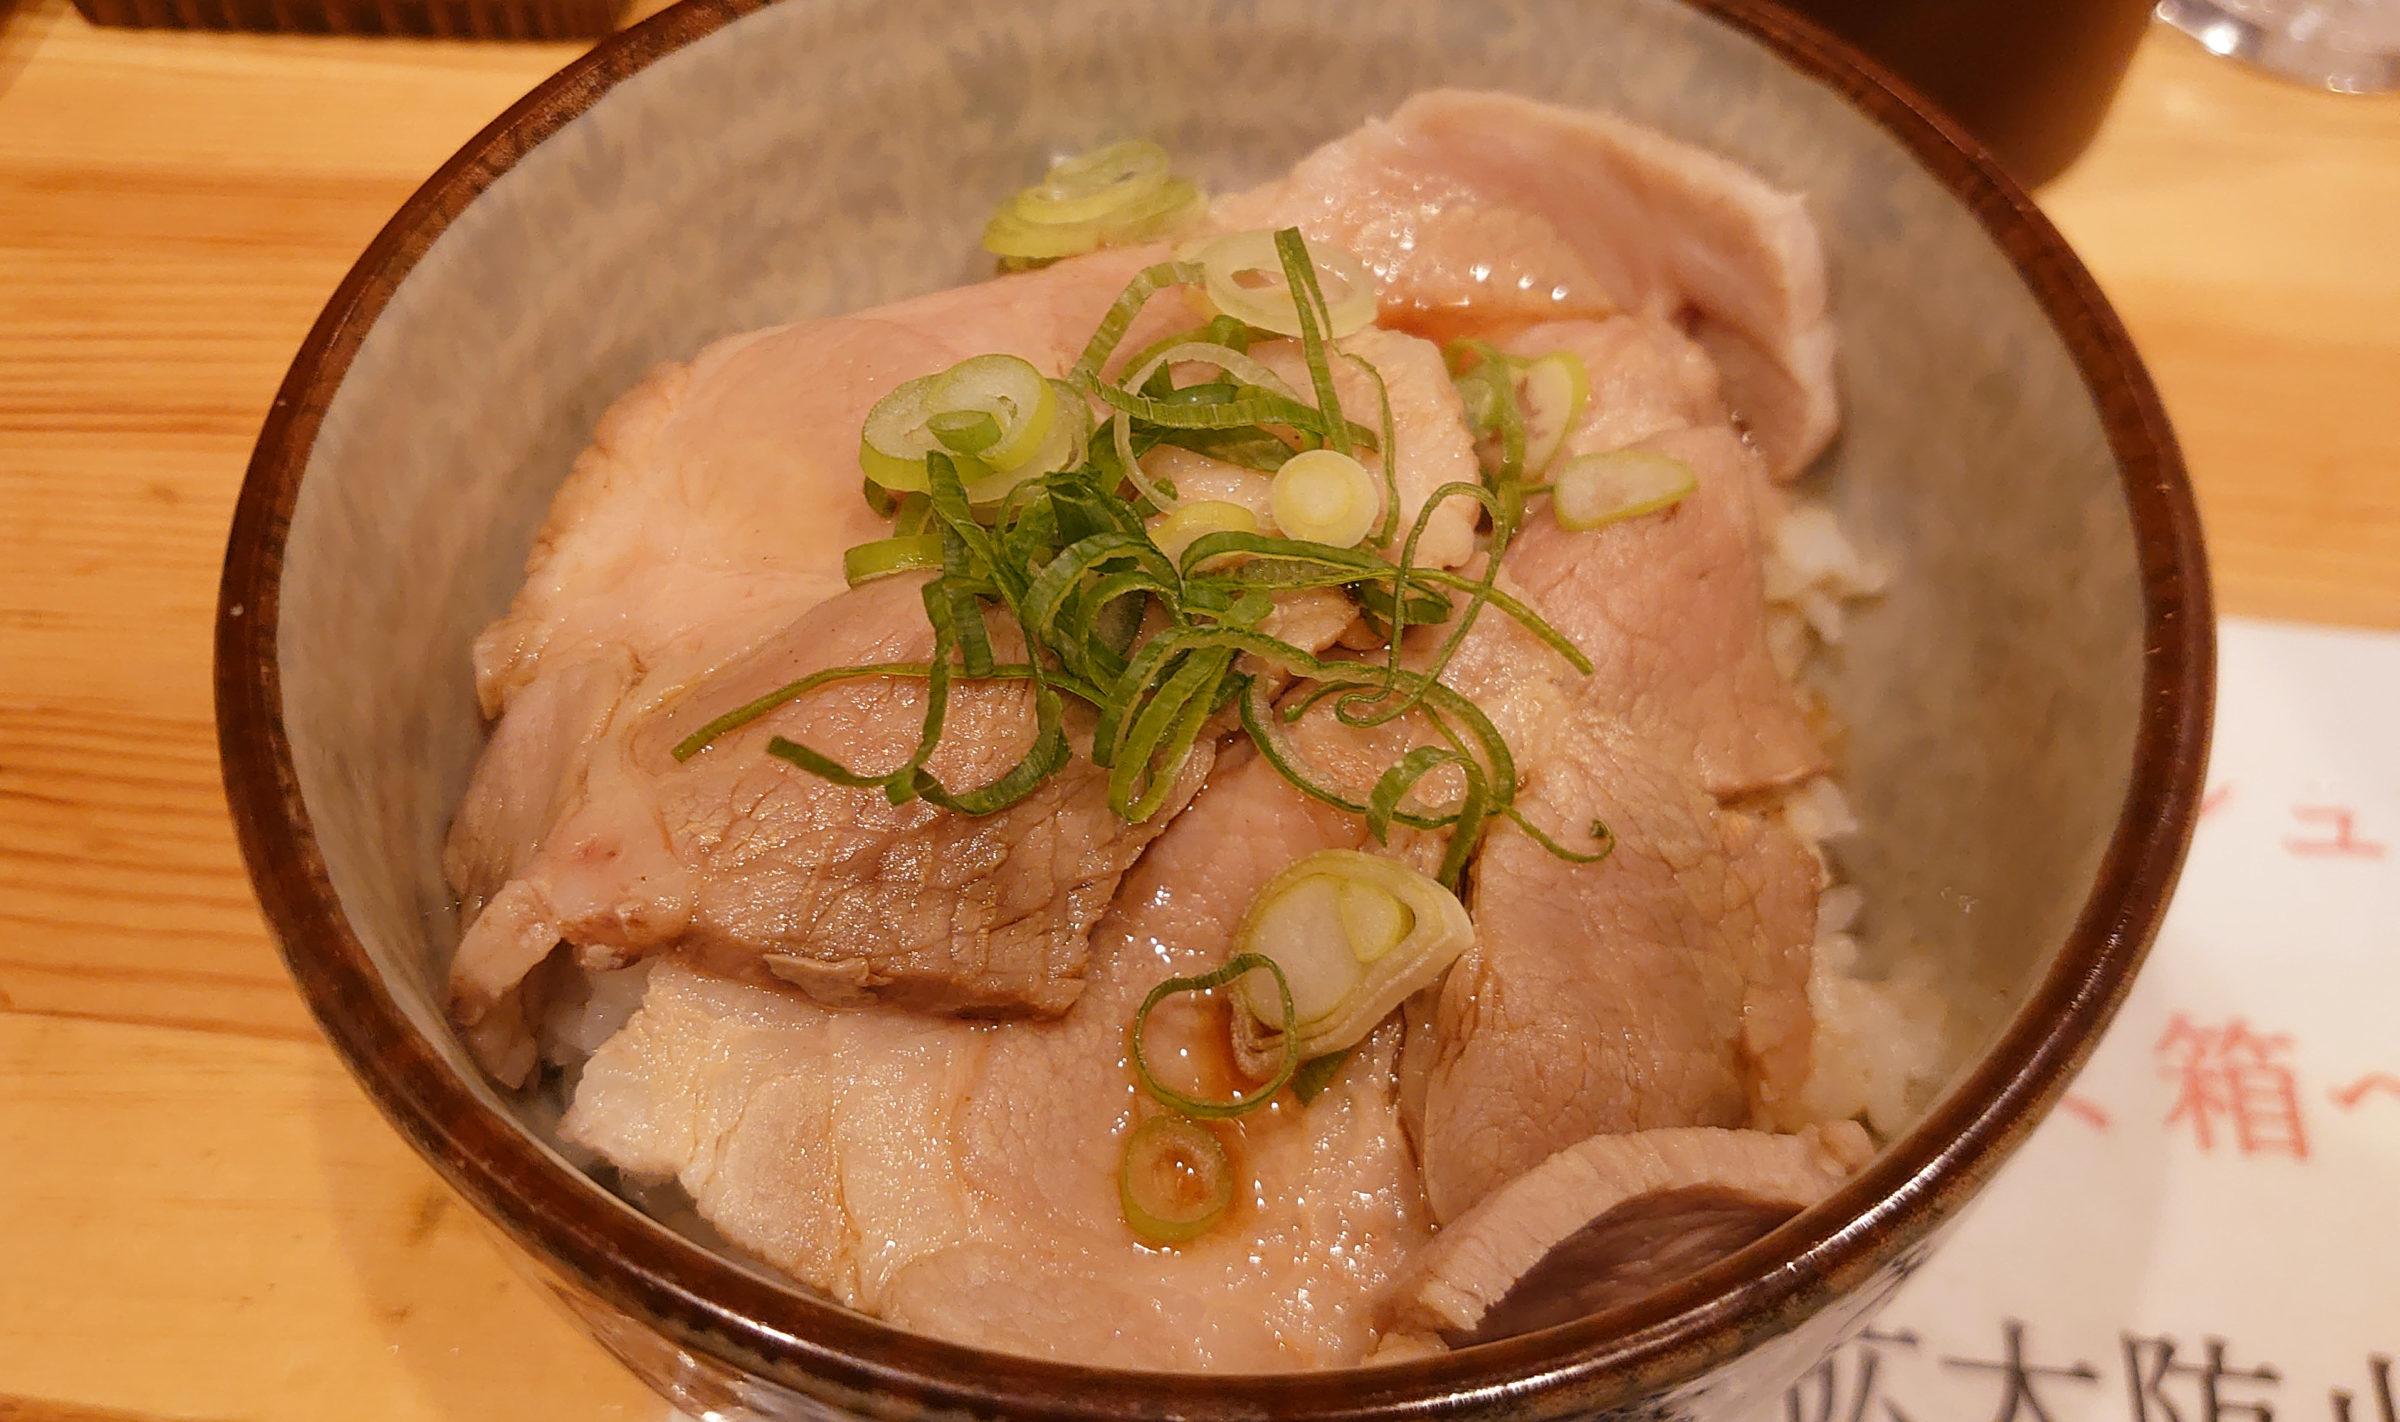 自家製麺 竜葵 チャーシュー丼